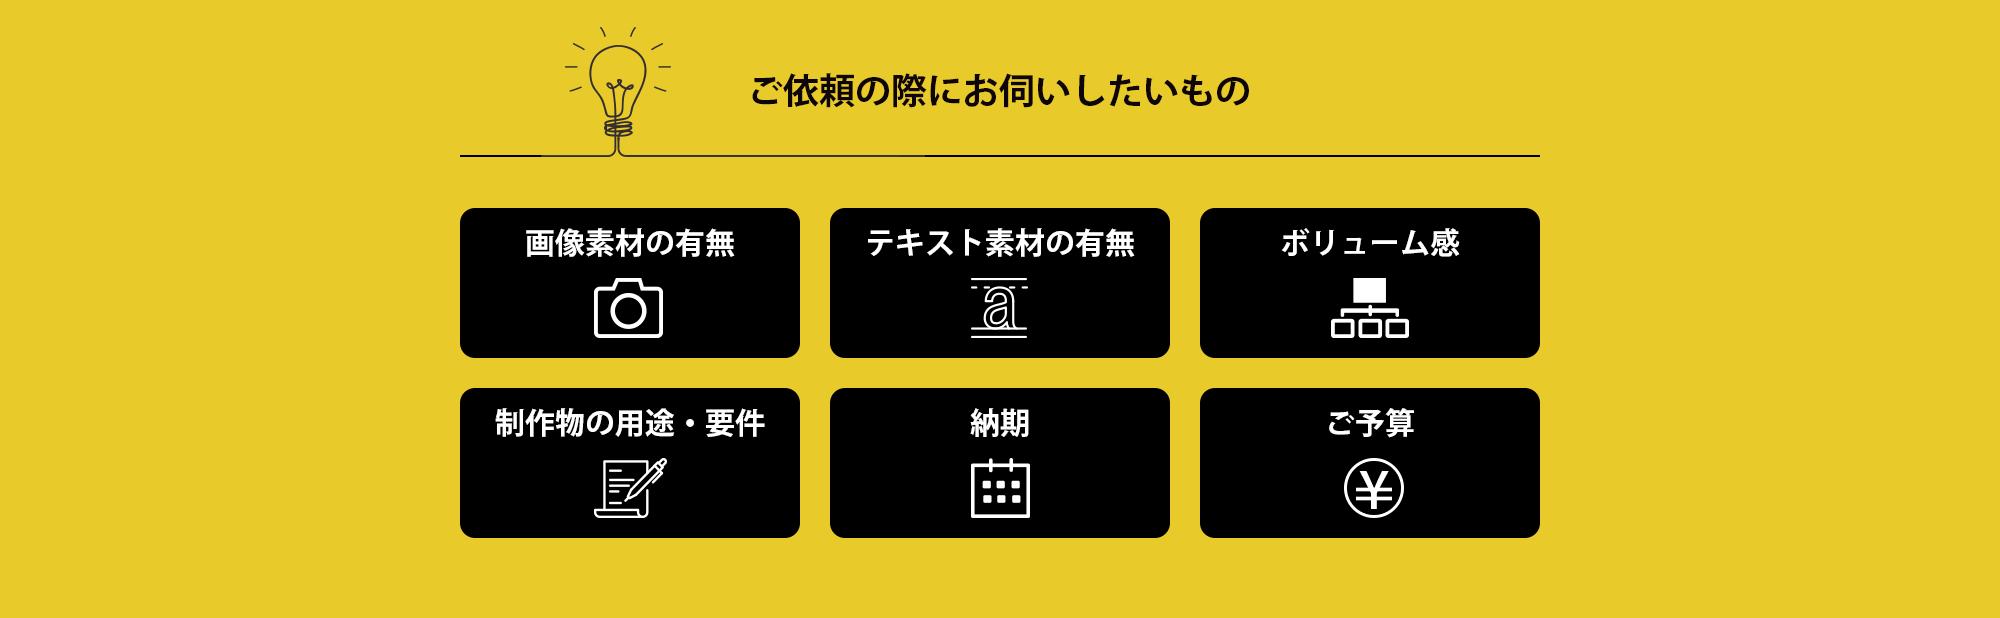 緊急案件対応 LP制作 HP制作 WEB制作 渋谷 実績400社以上 各種案件対応